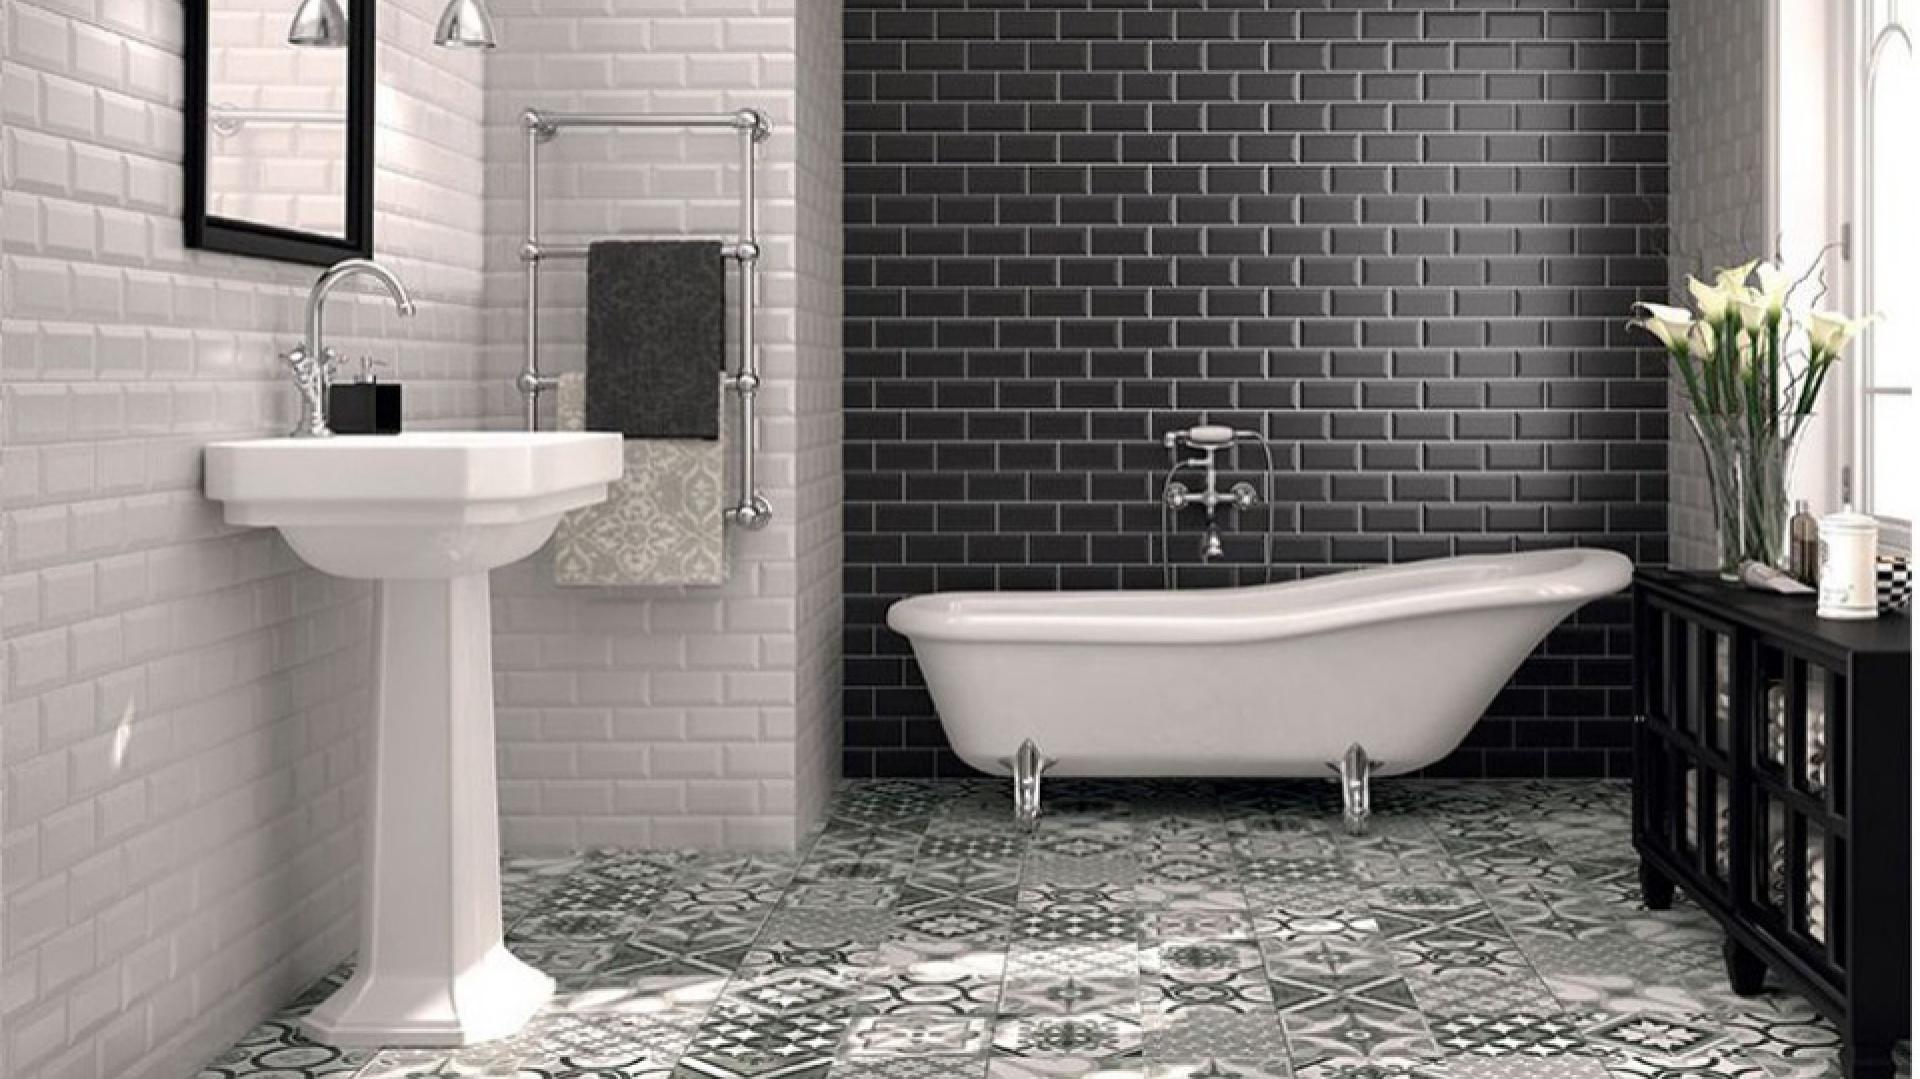 łazienka W Stylu Retro Tak Możesz Ją Urządzić